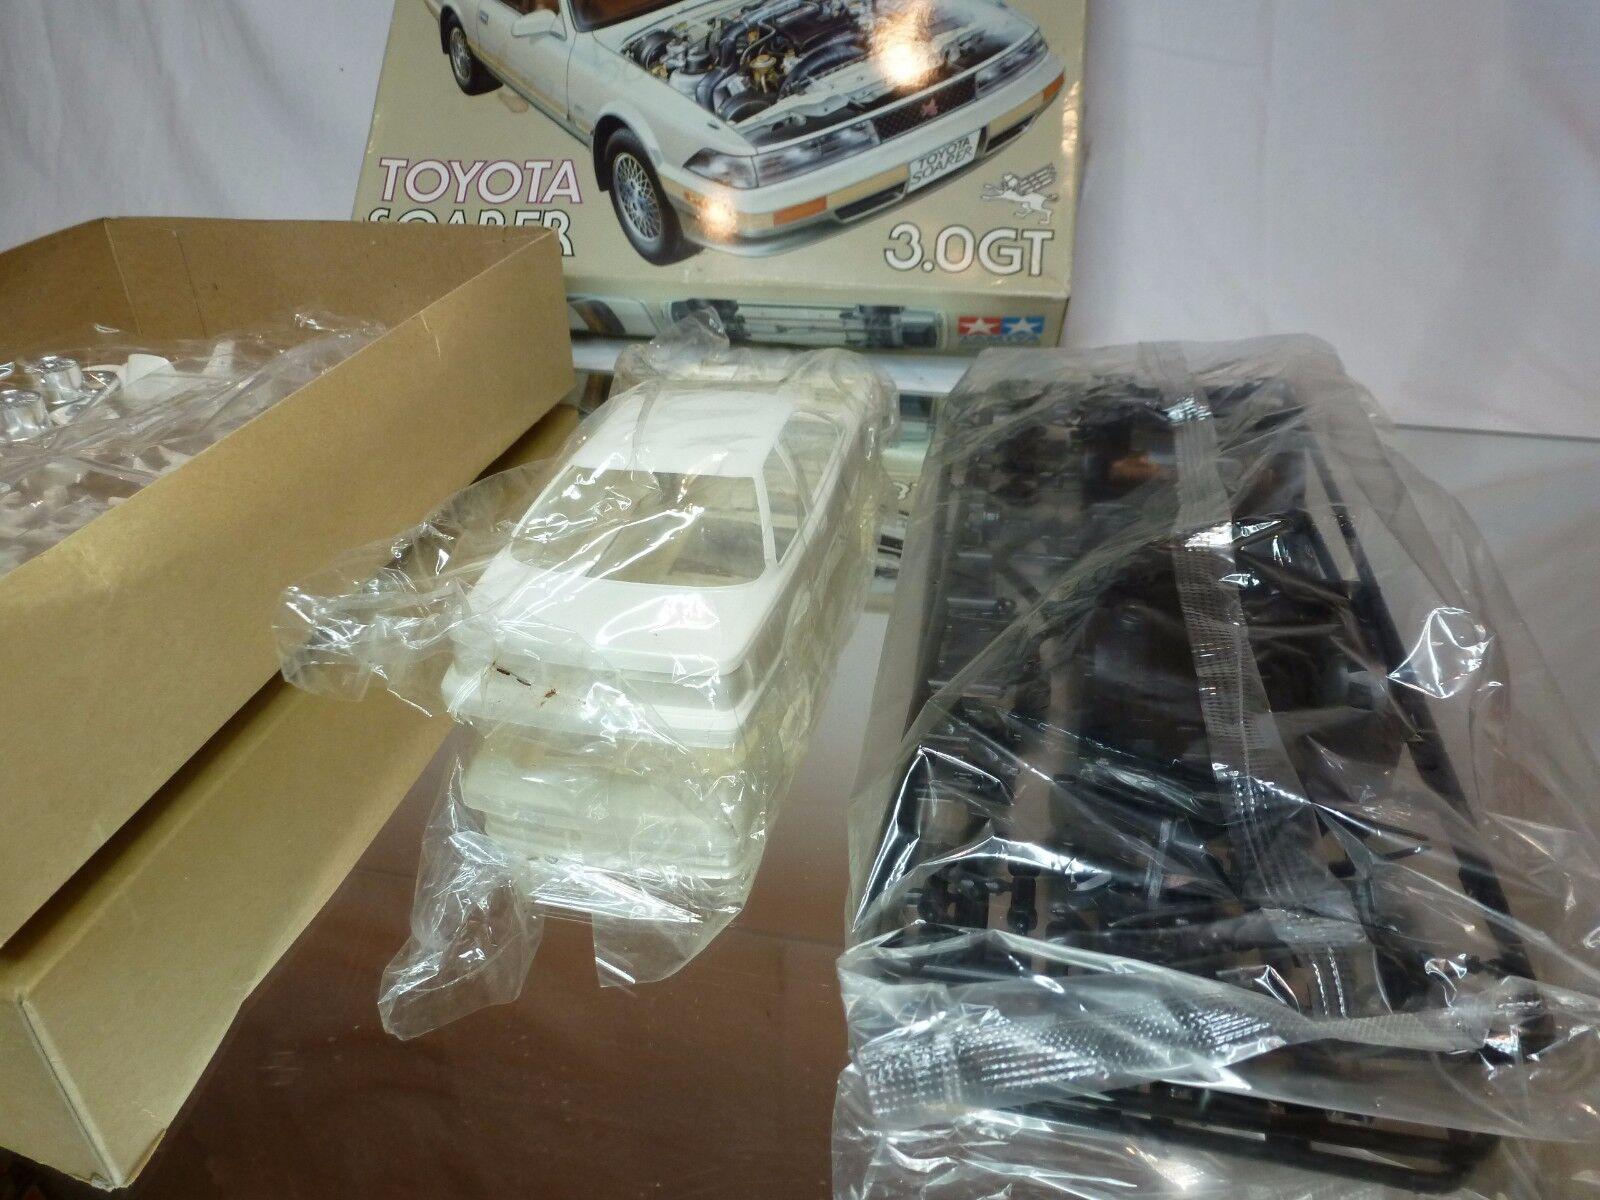 TAMIYA 64 KIT (unbuilt) TOYOTA TOYOTA TOYOTA SOARER 3.0 GT - WHITE 1 24 - RARE - NMIB 735958